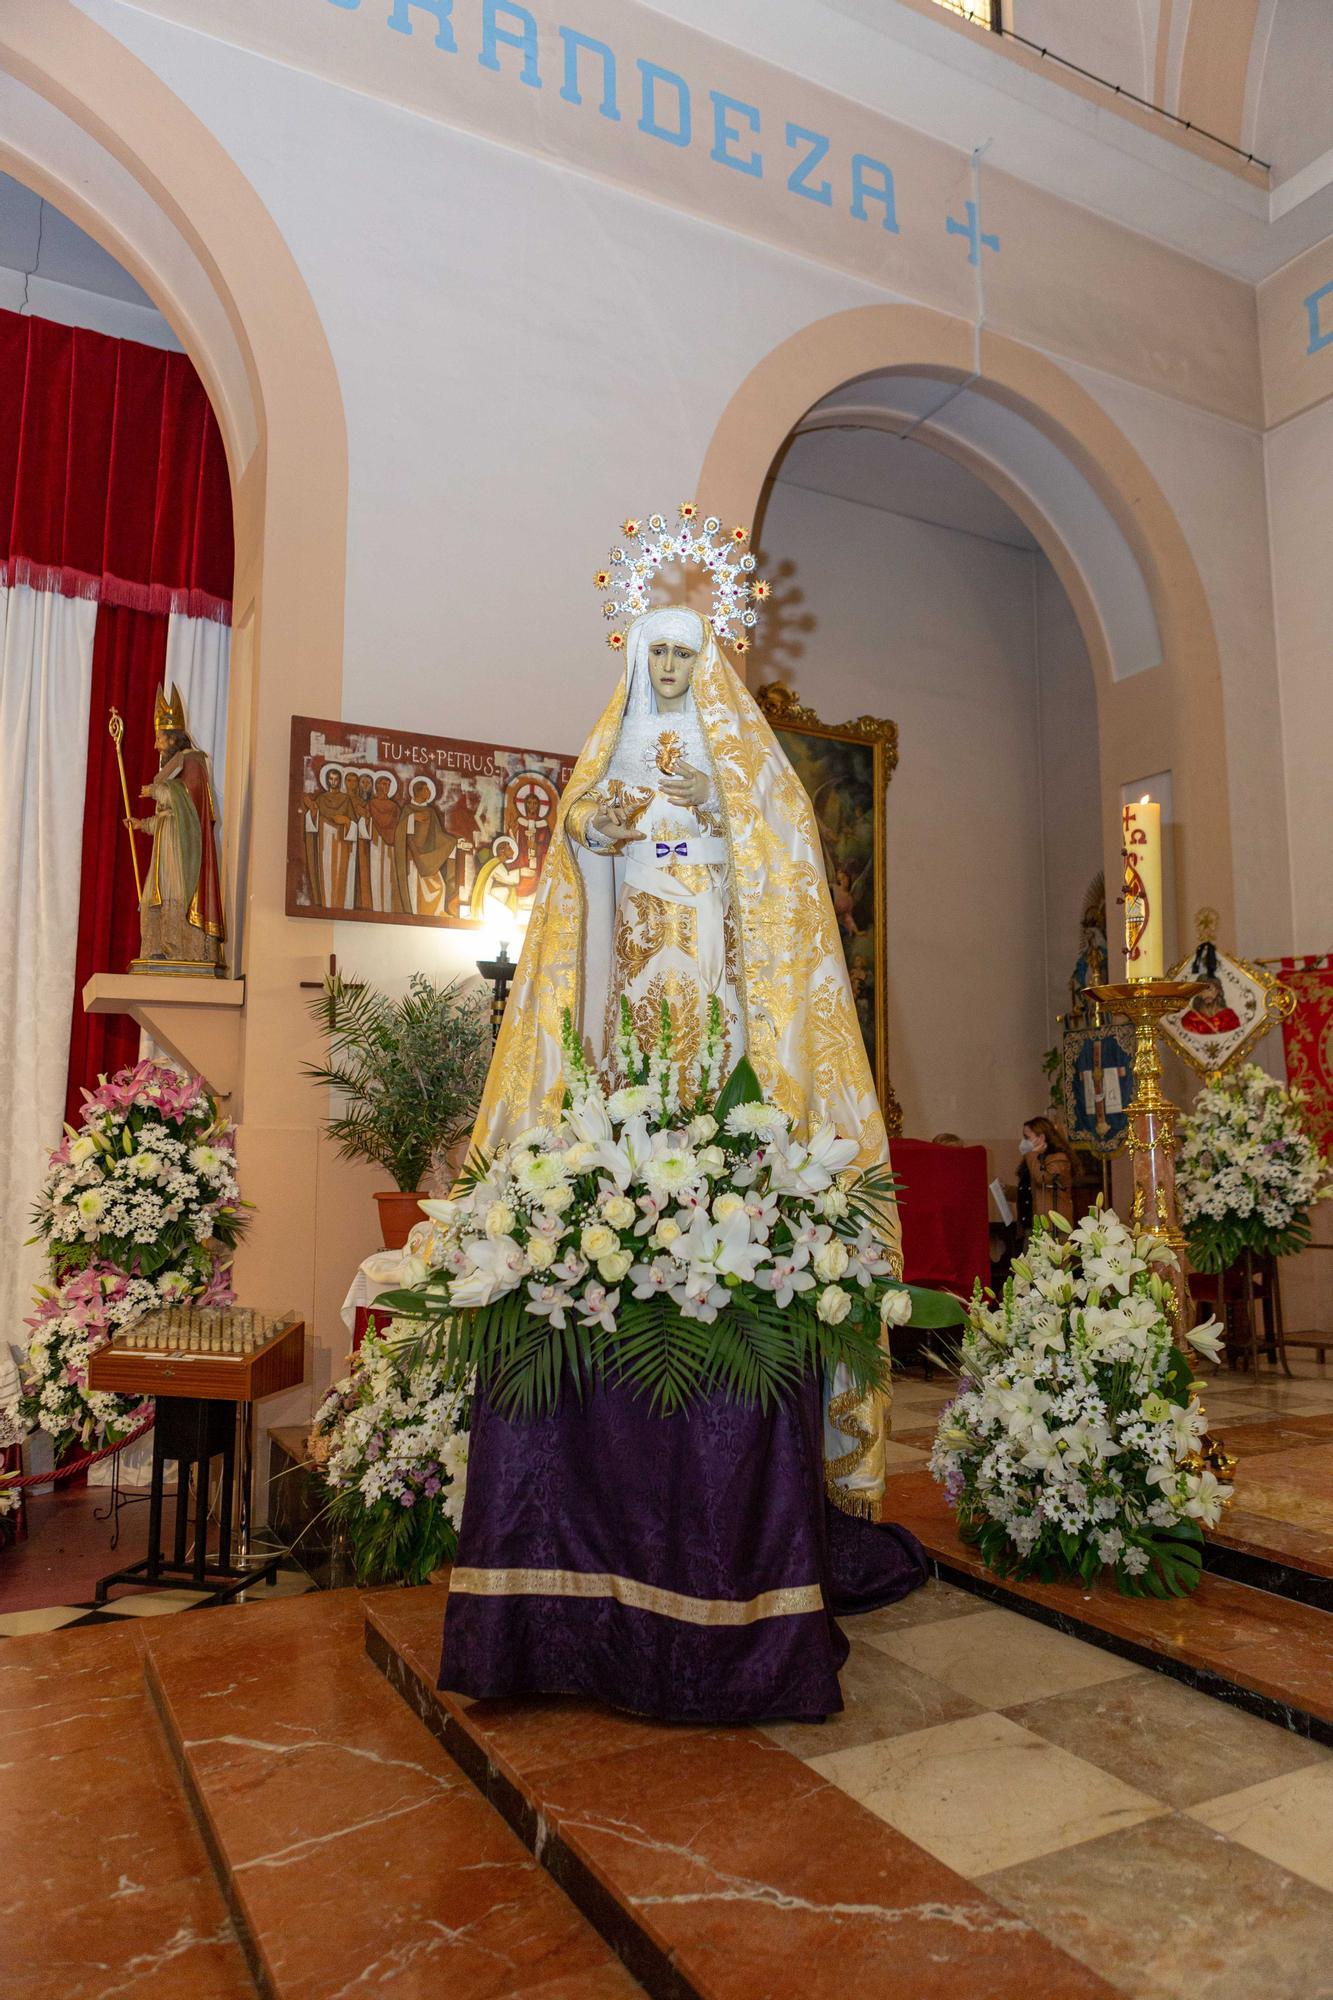 Domingo de Resurrecion en Los Angeles_03.jpg